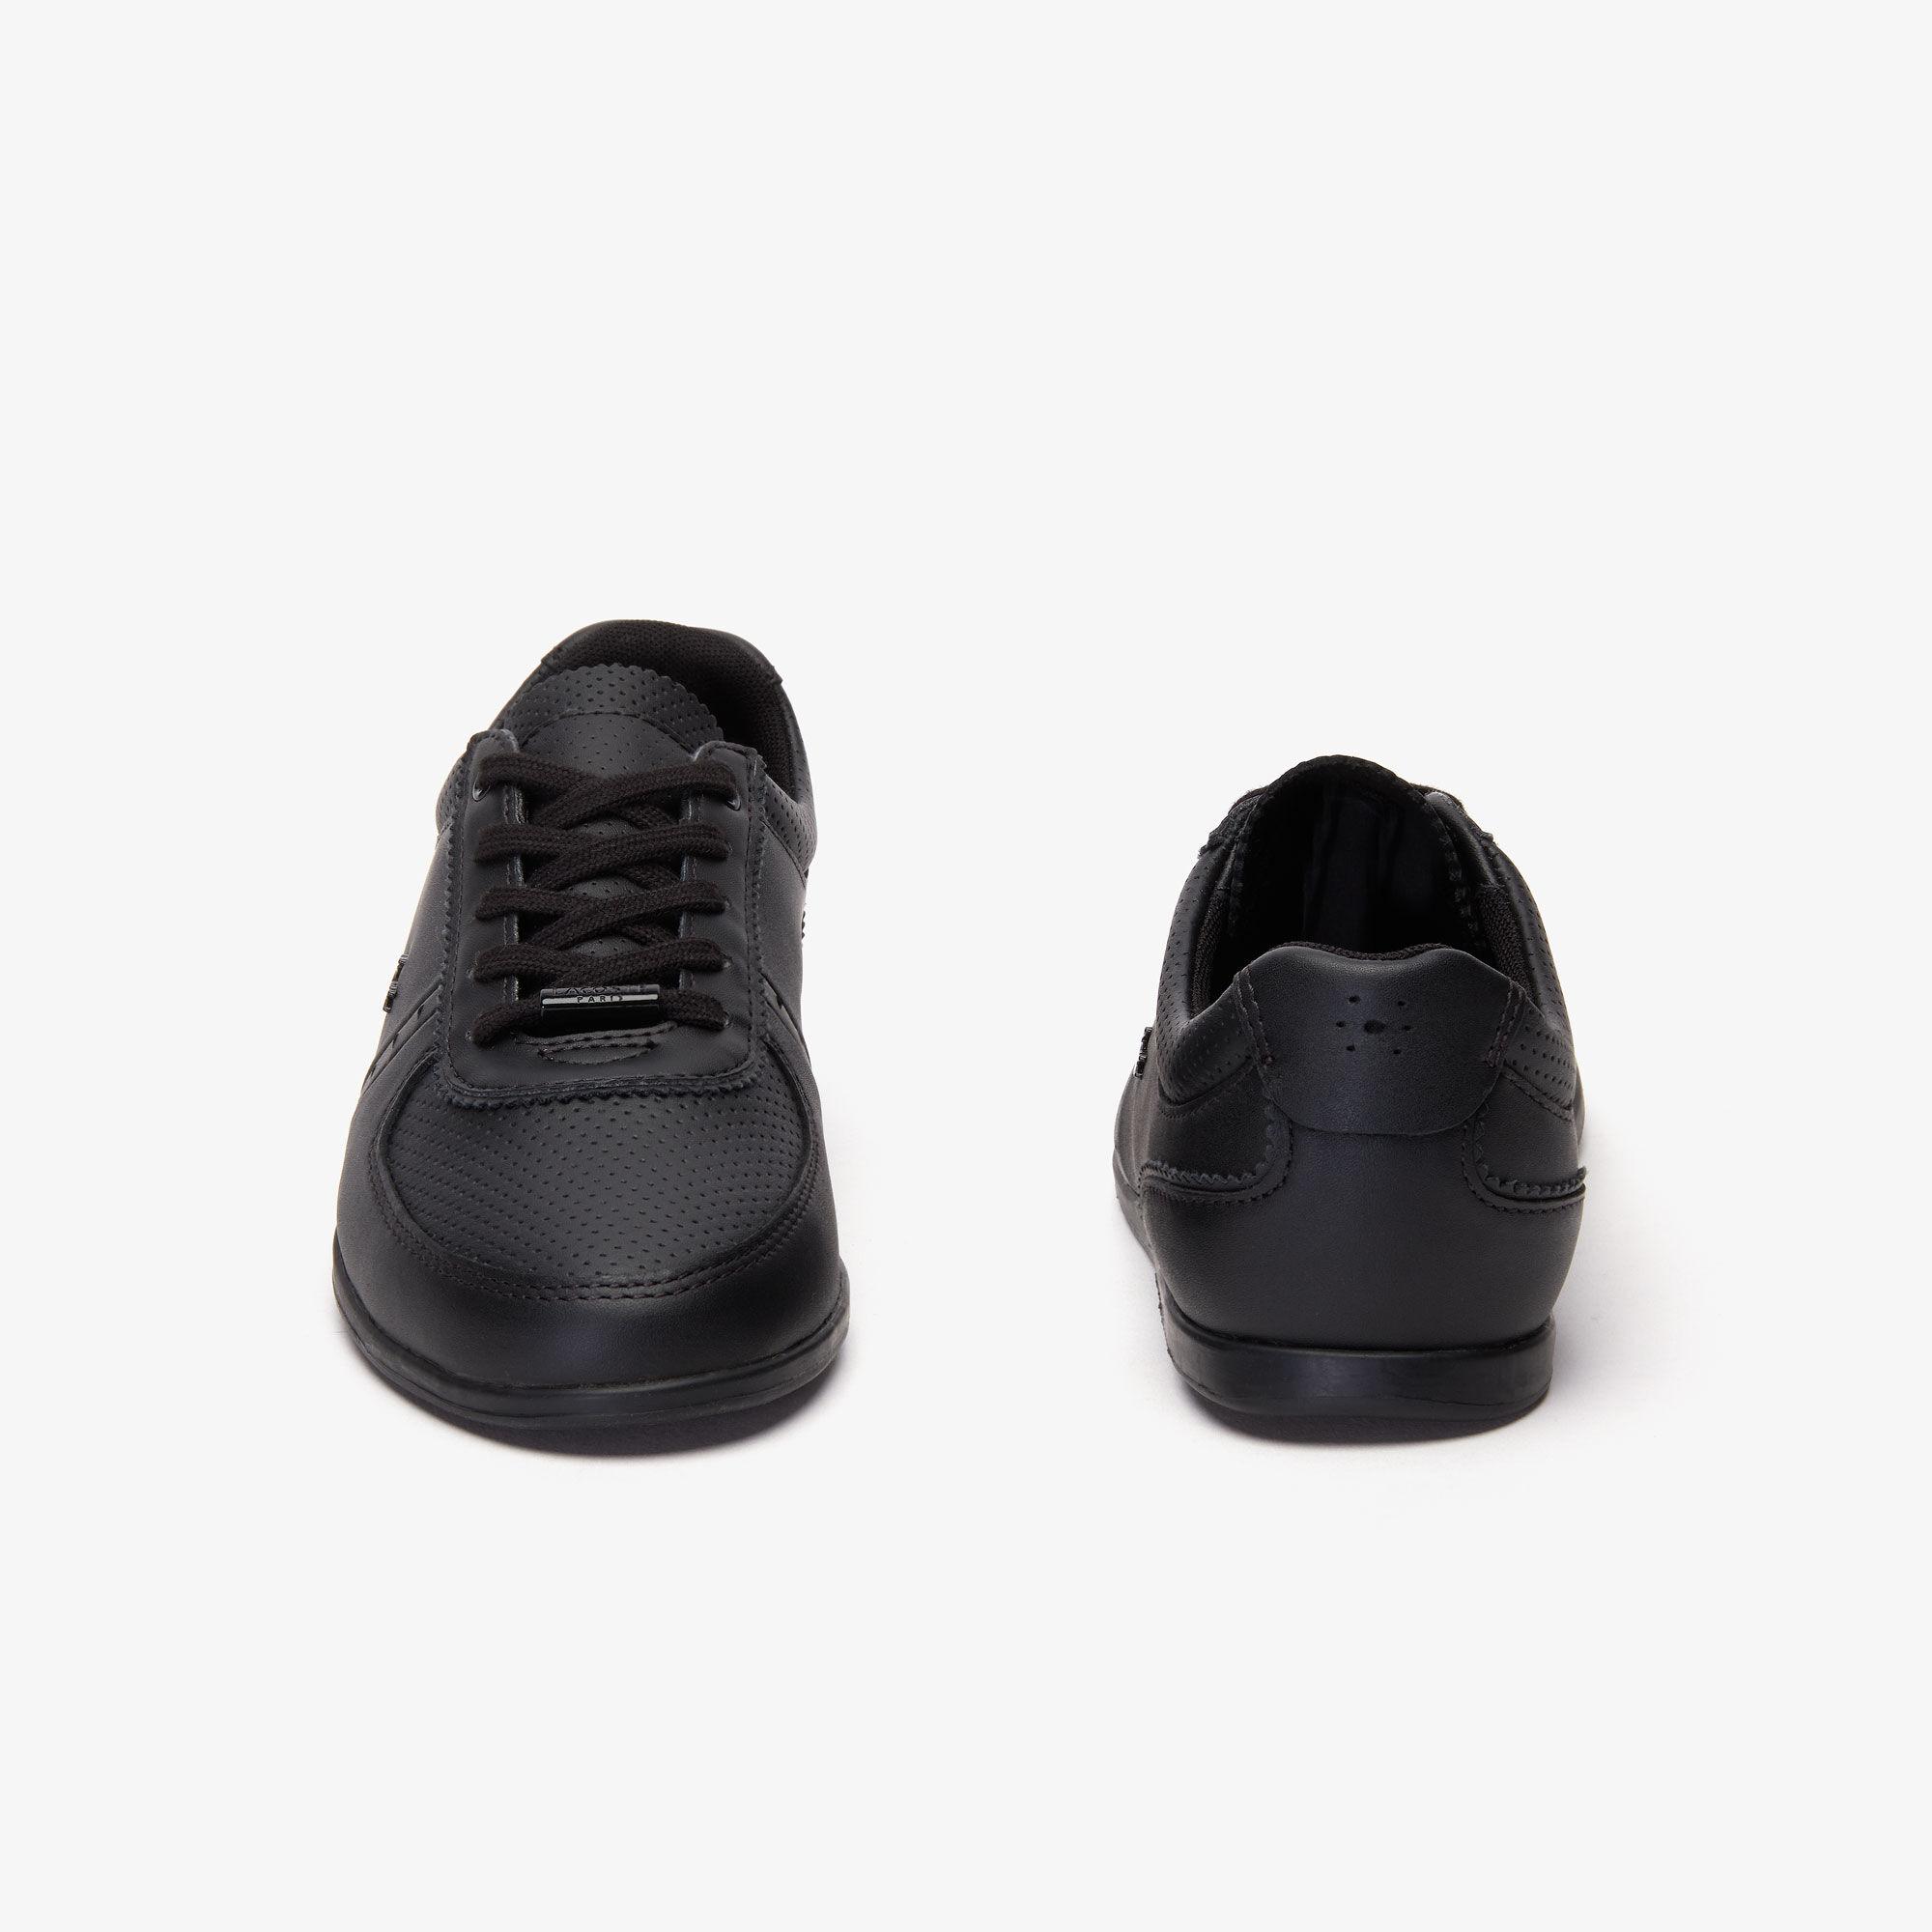 حذاء رياضي للسيدات من الجلد من مجموعة  Rey Sport